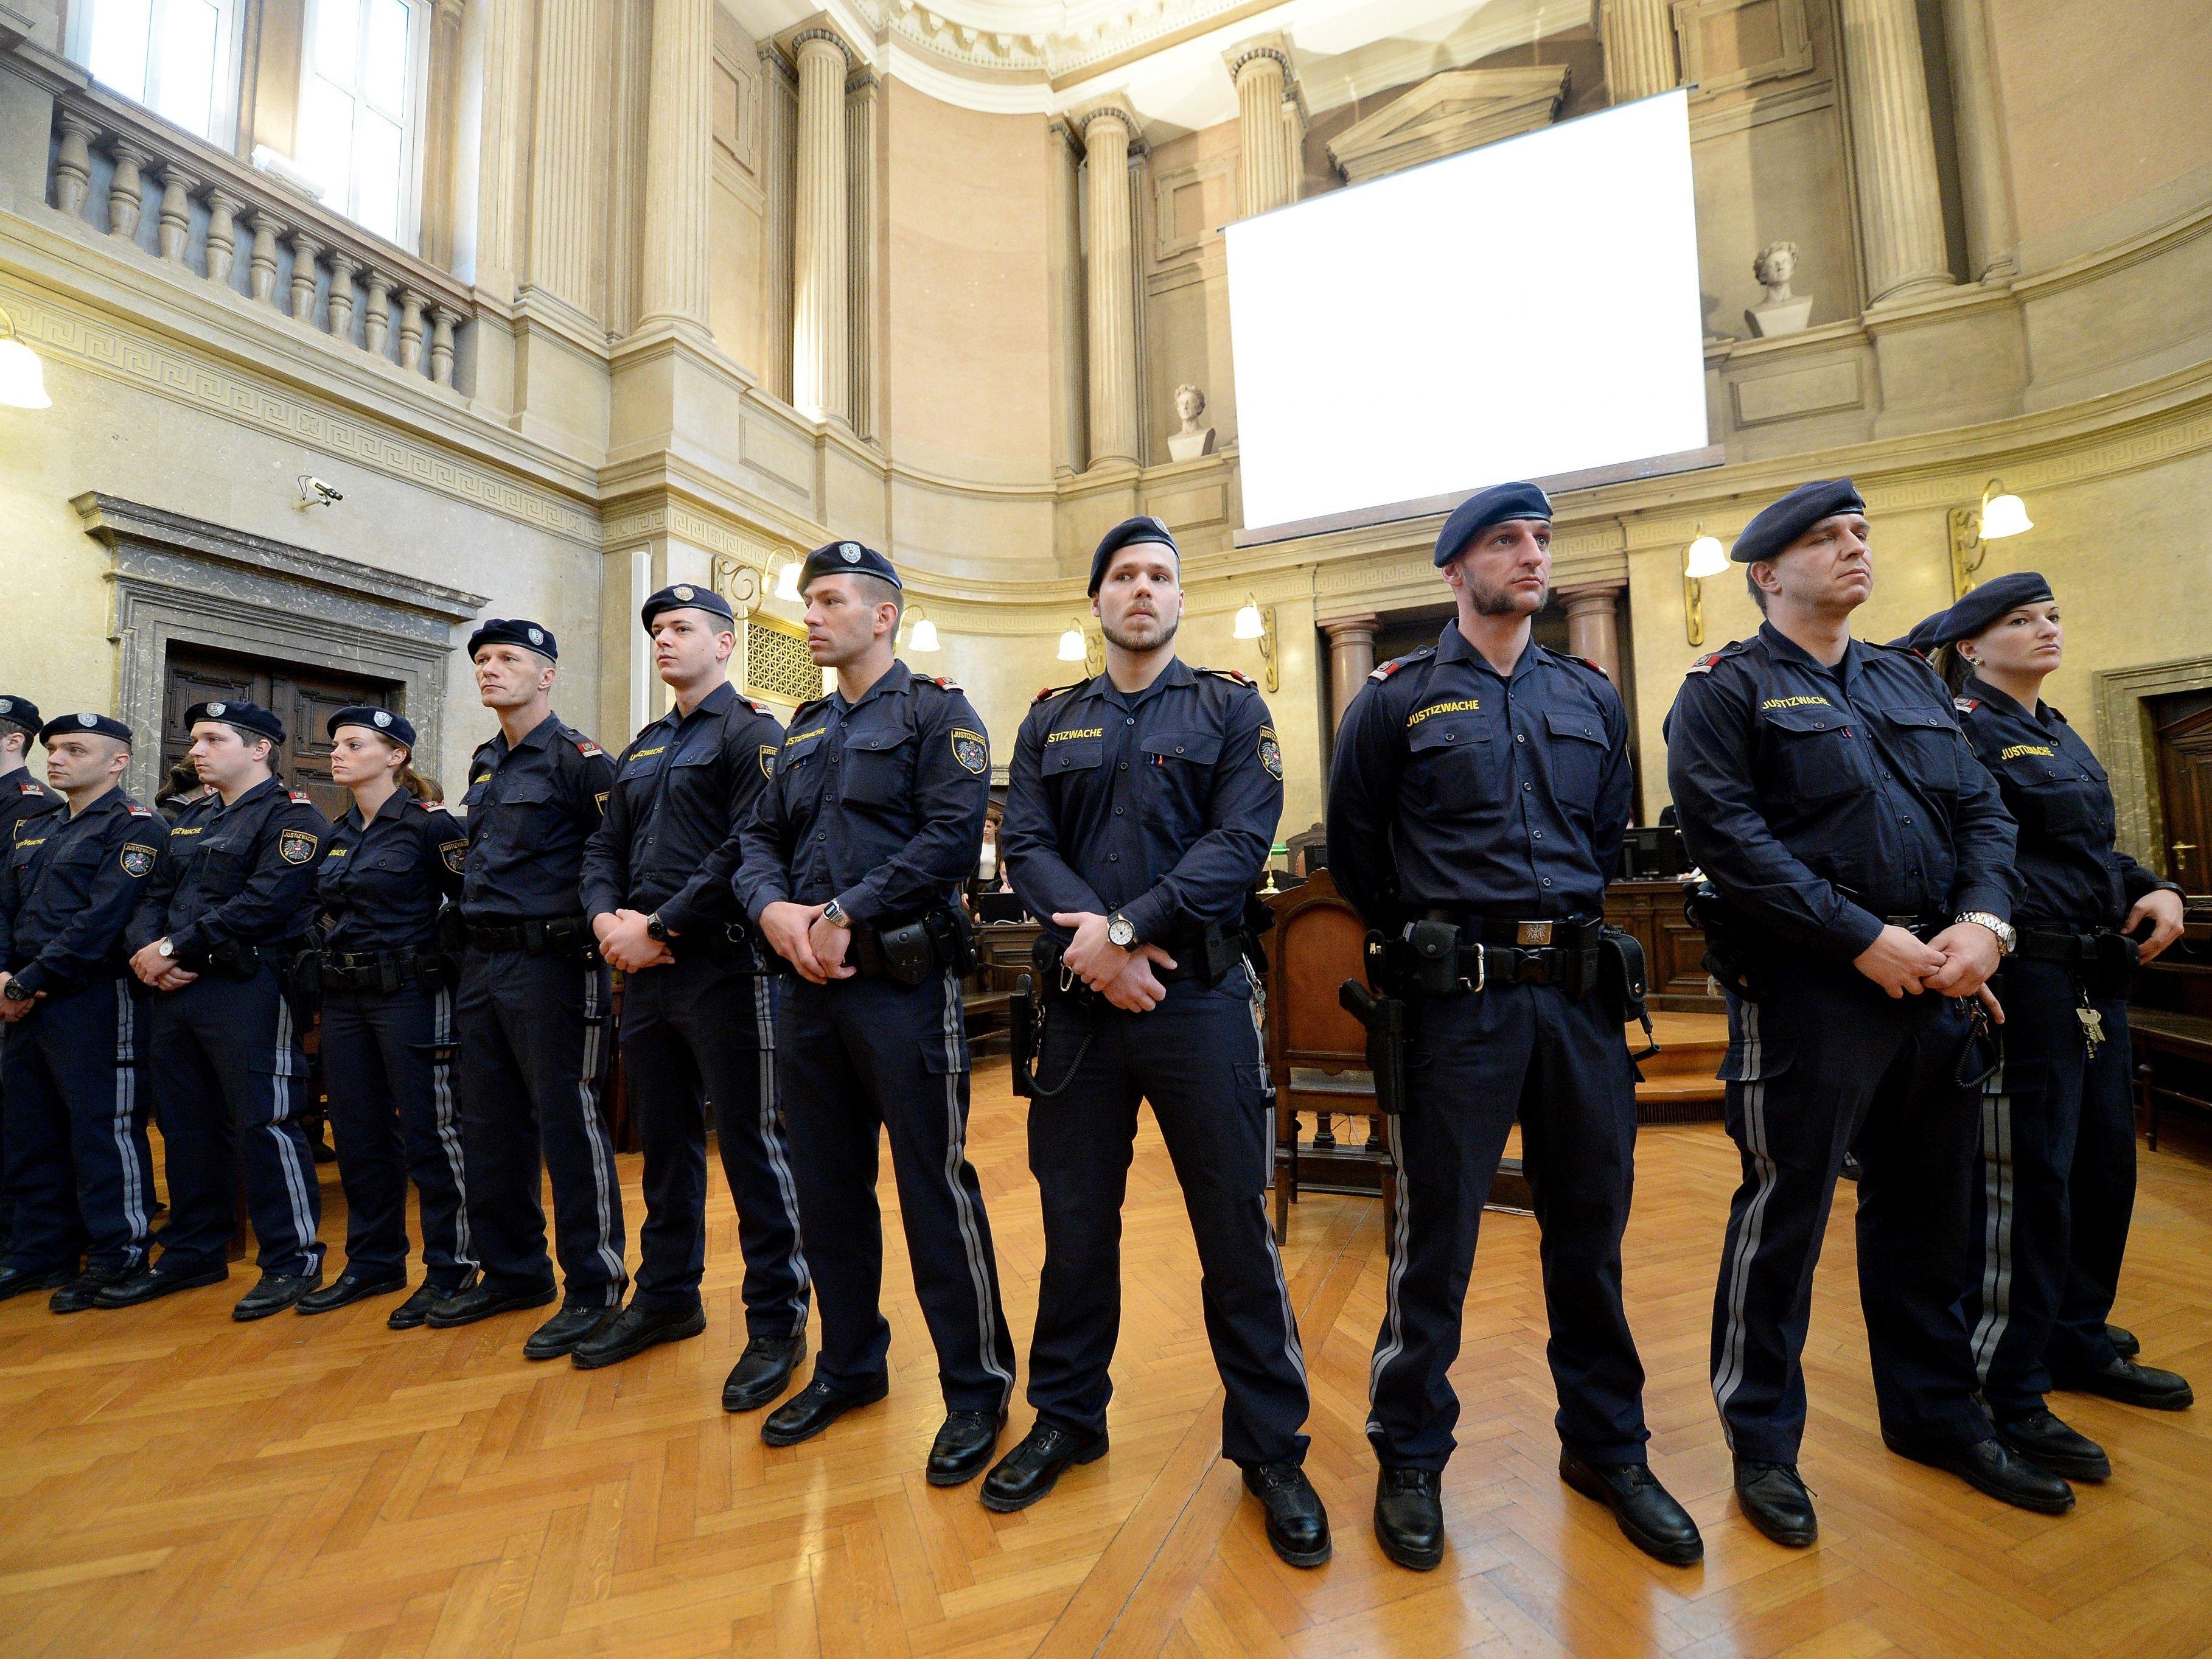 Von rund 1 600 Justizwacheanwärter schafften lediglich rund 200 den Test